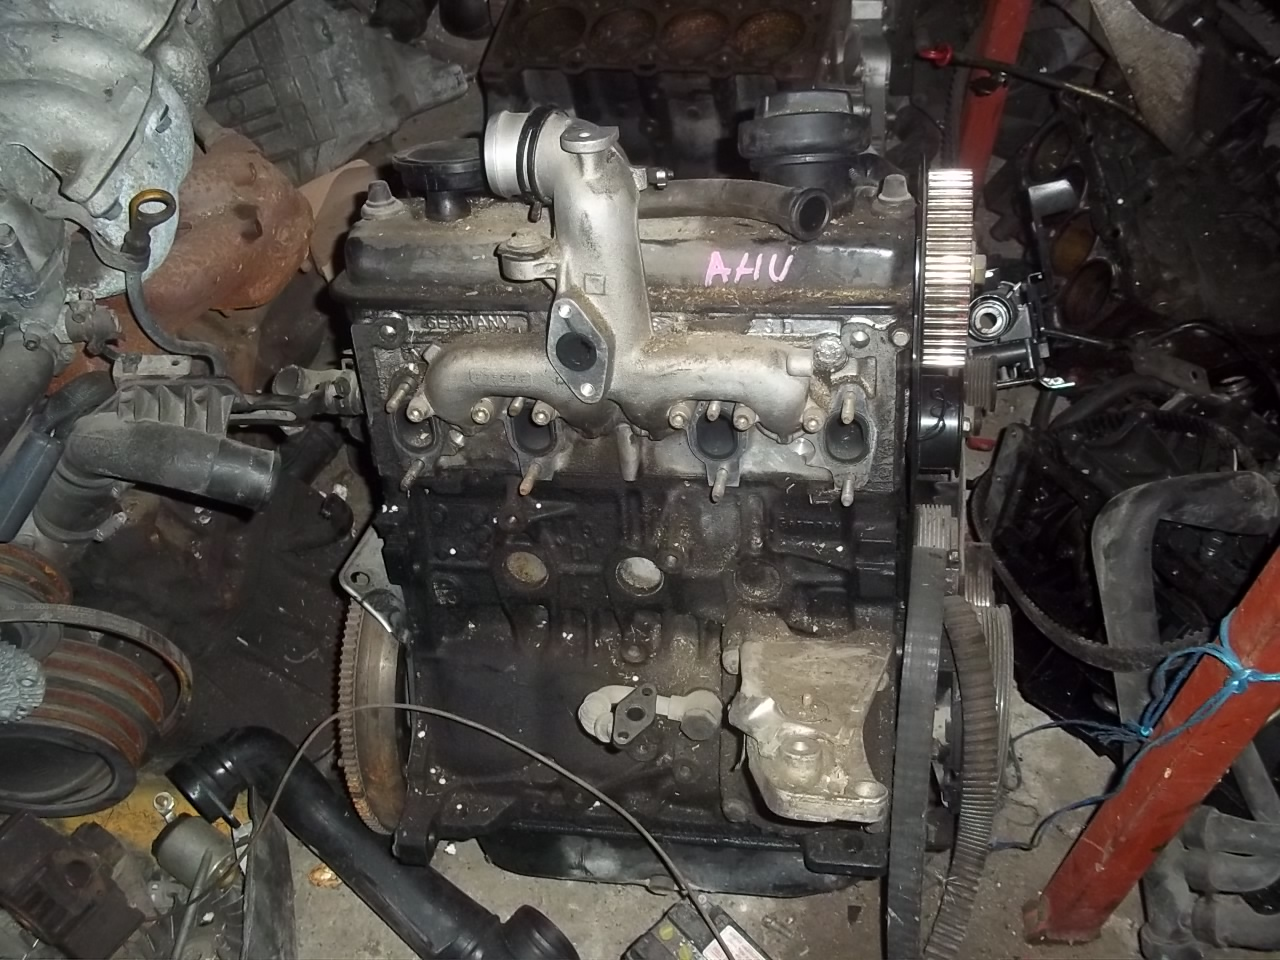 Motor vw passat 1.9 tdi ahu